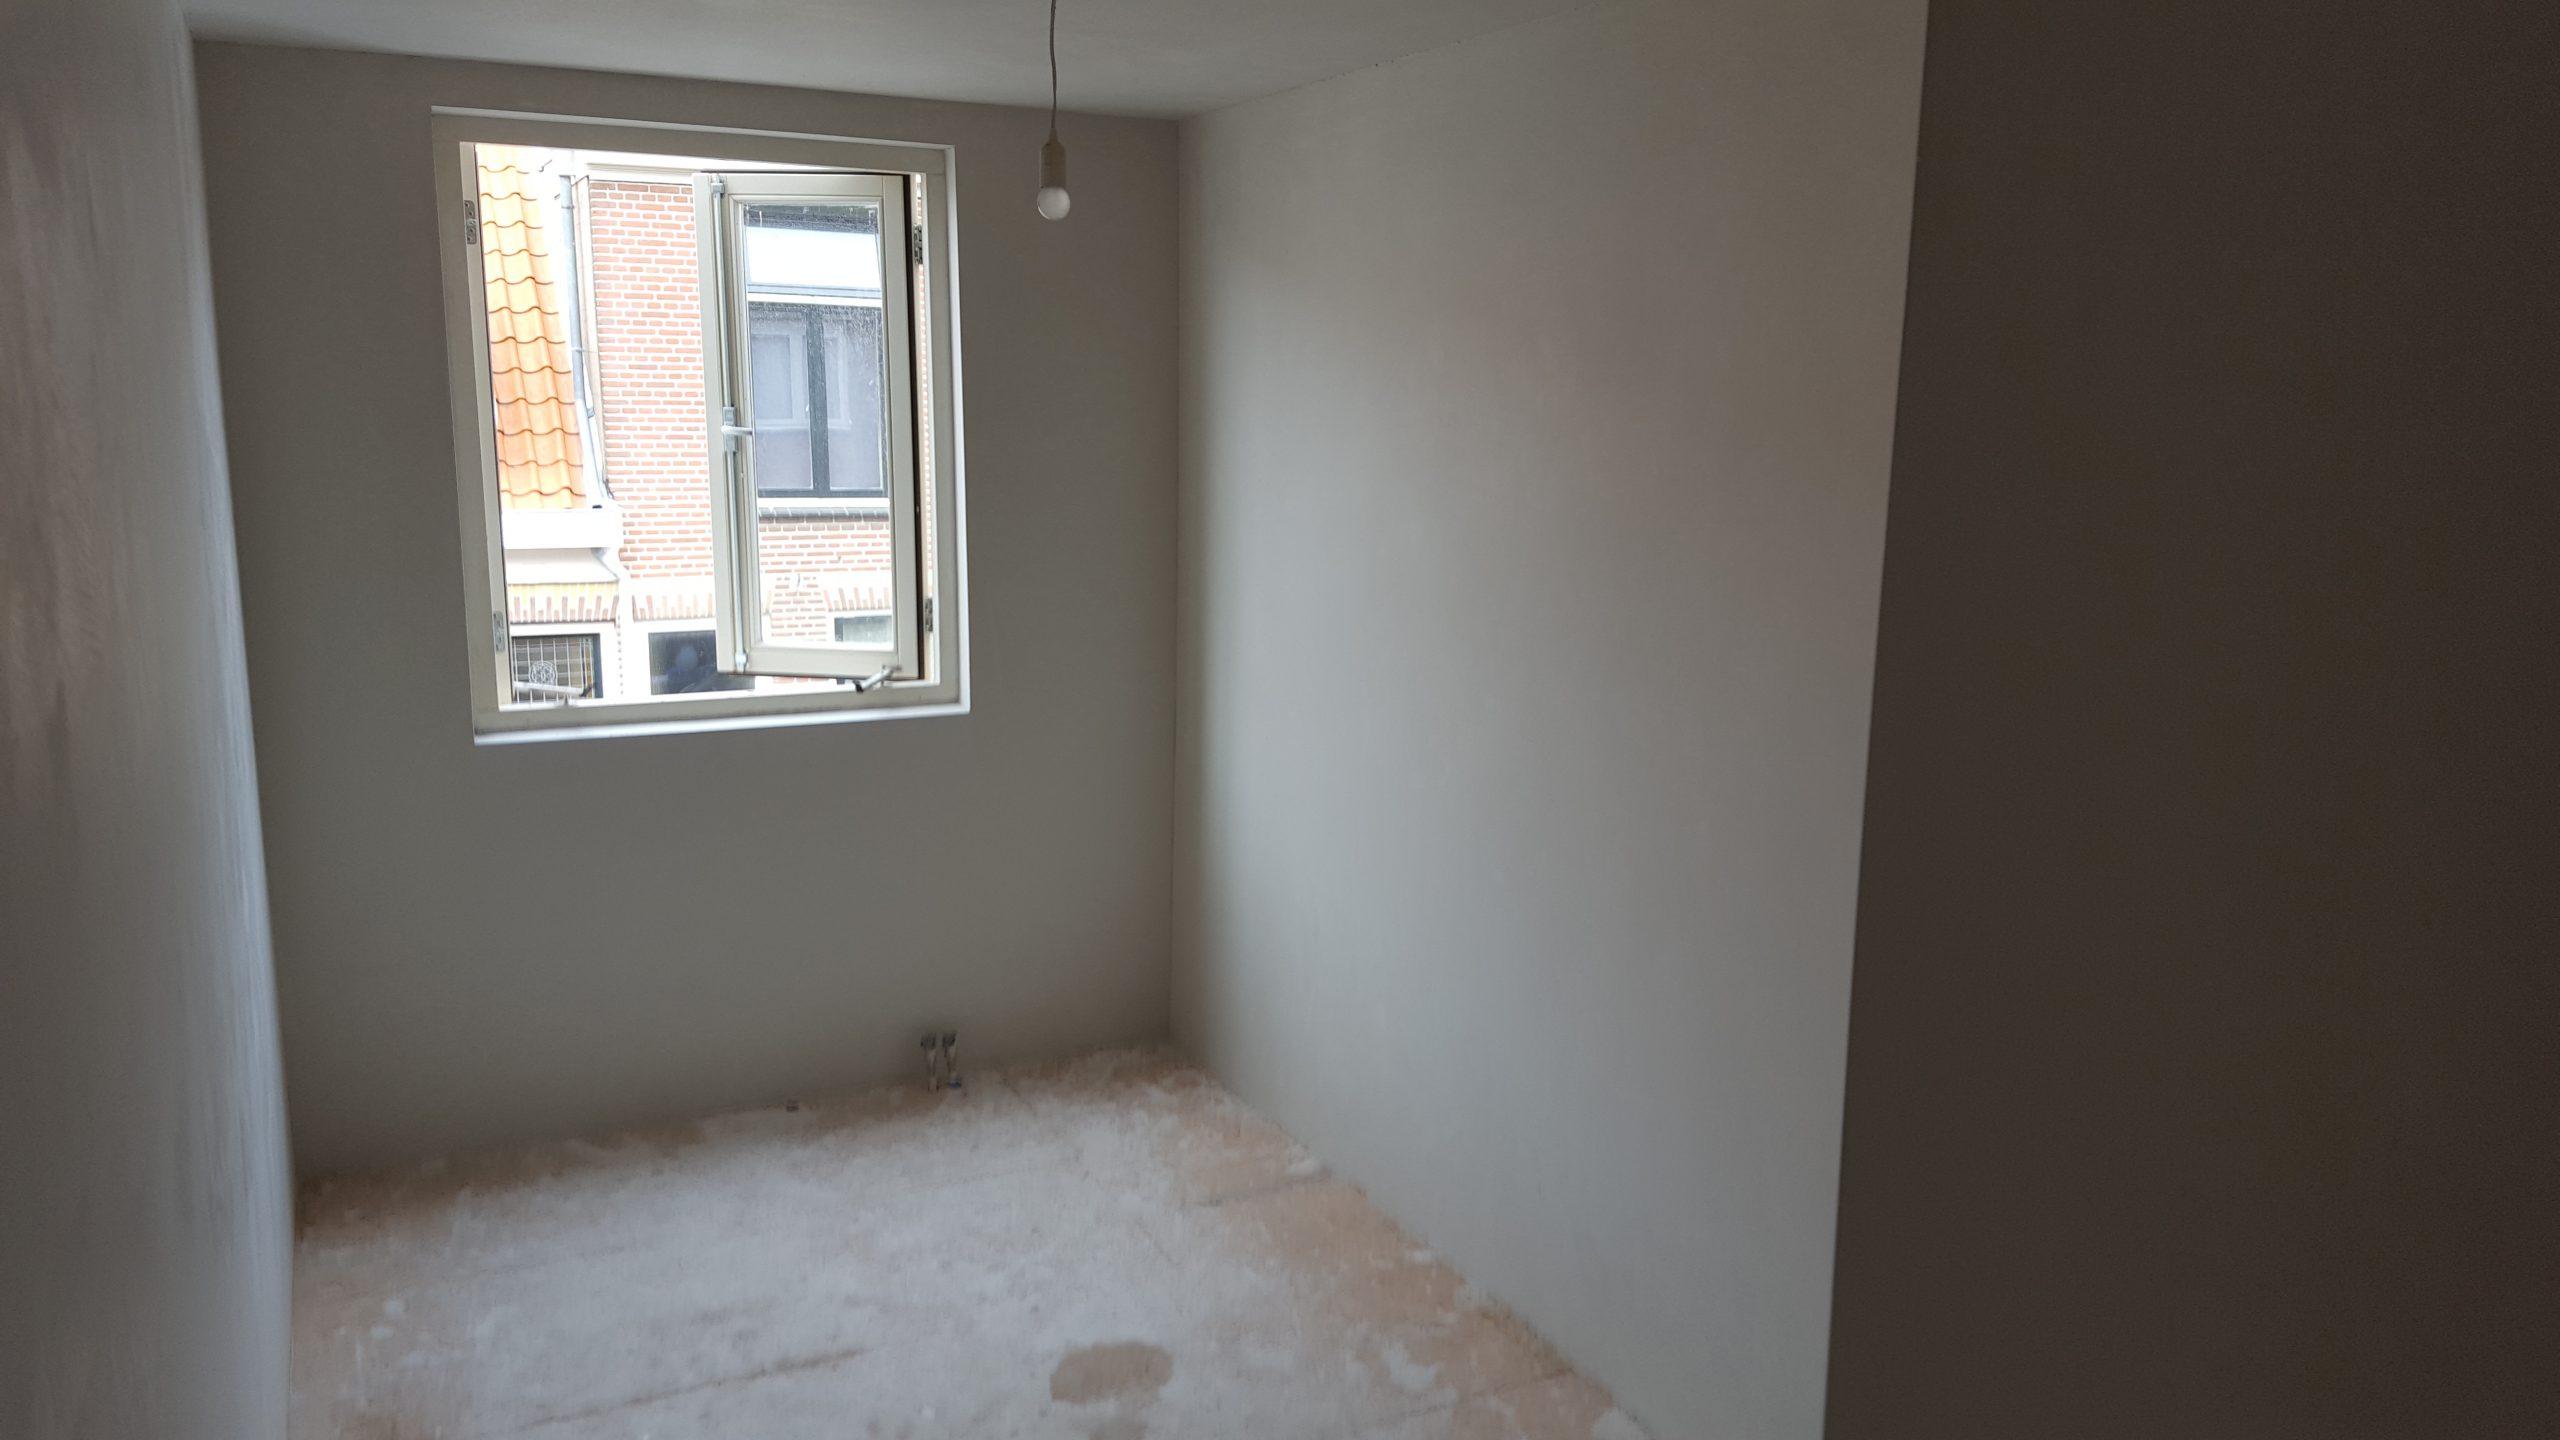 Stucwerk Haarlem